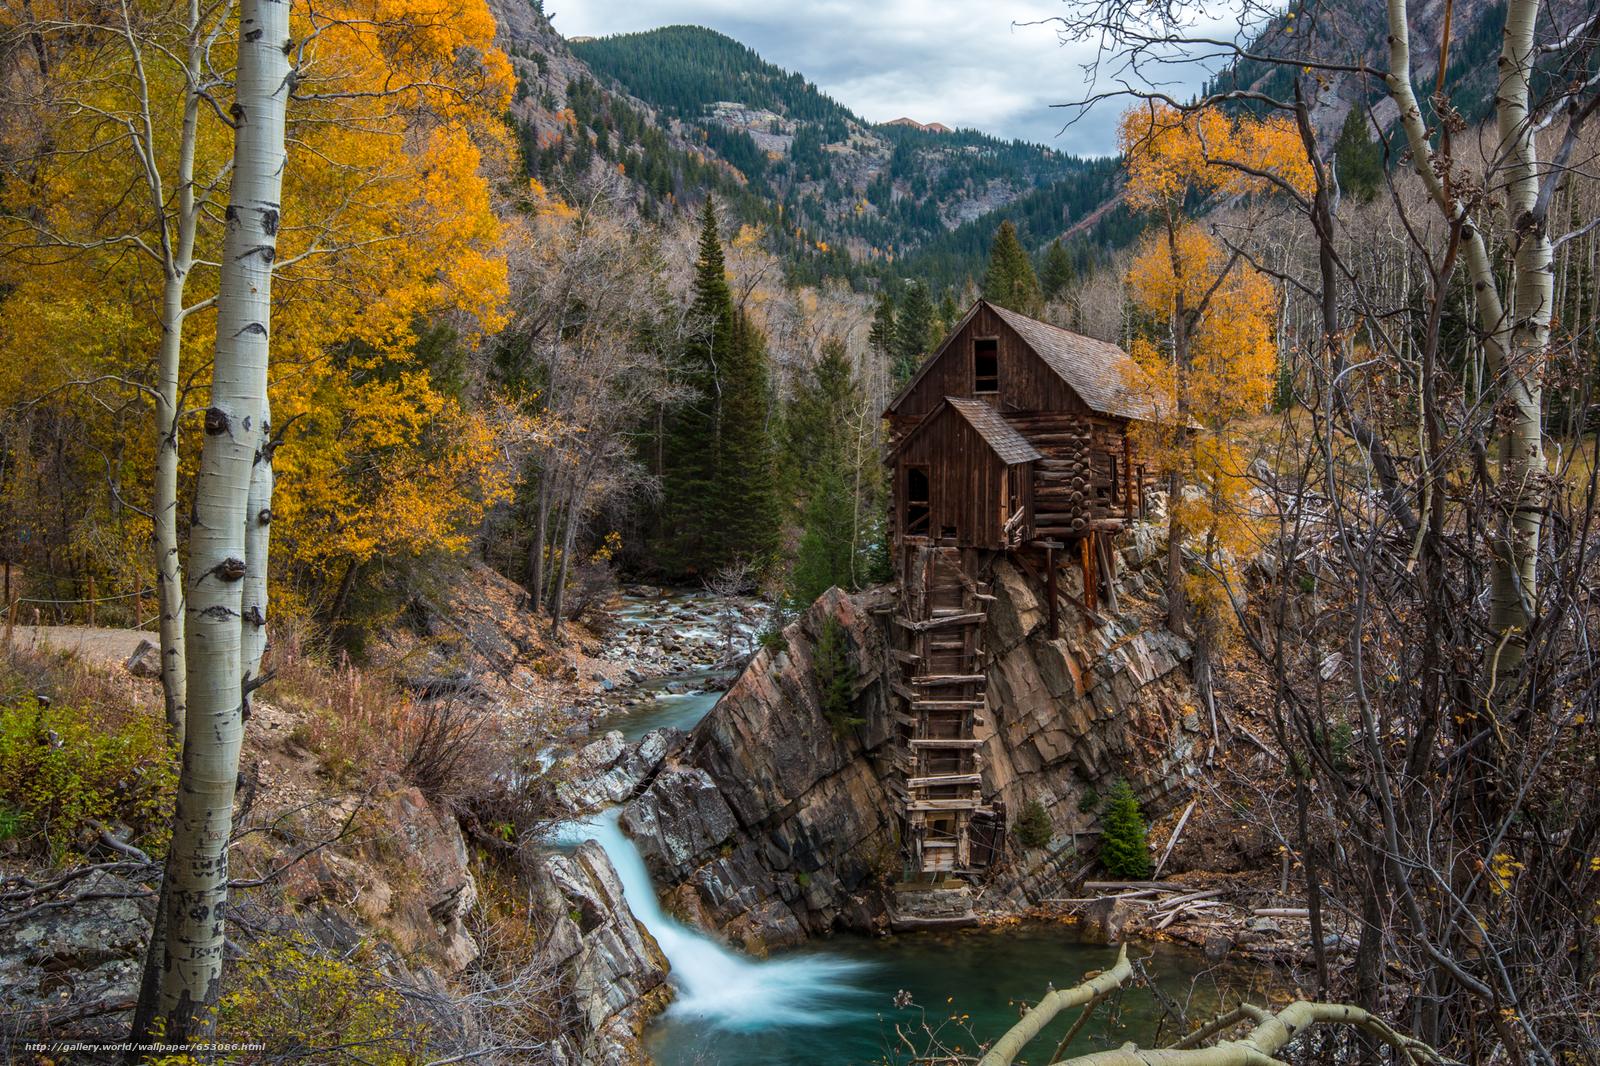 Download Hintergrund Kristall-Mühle,  Colorado,  Bäume,  Fluss Freie desktop Tapeten in der Auflosung 2048x1365 — bild №653086